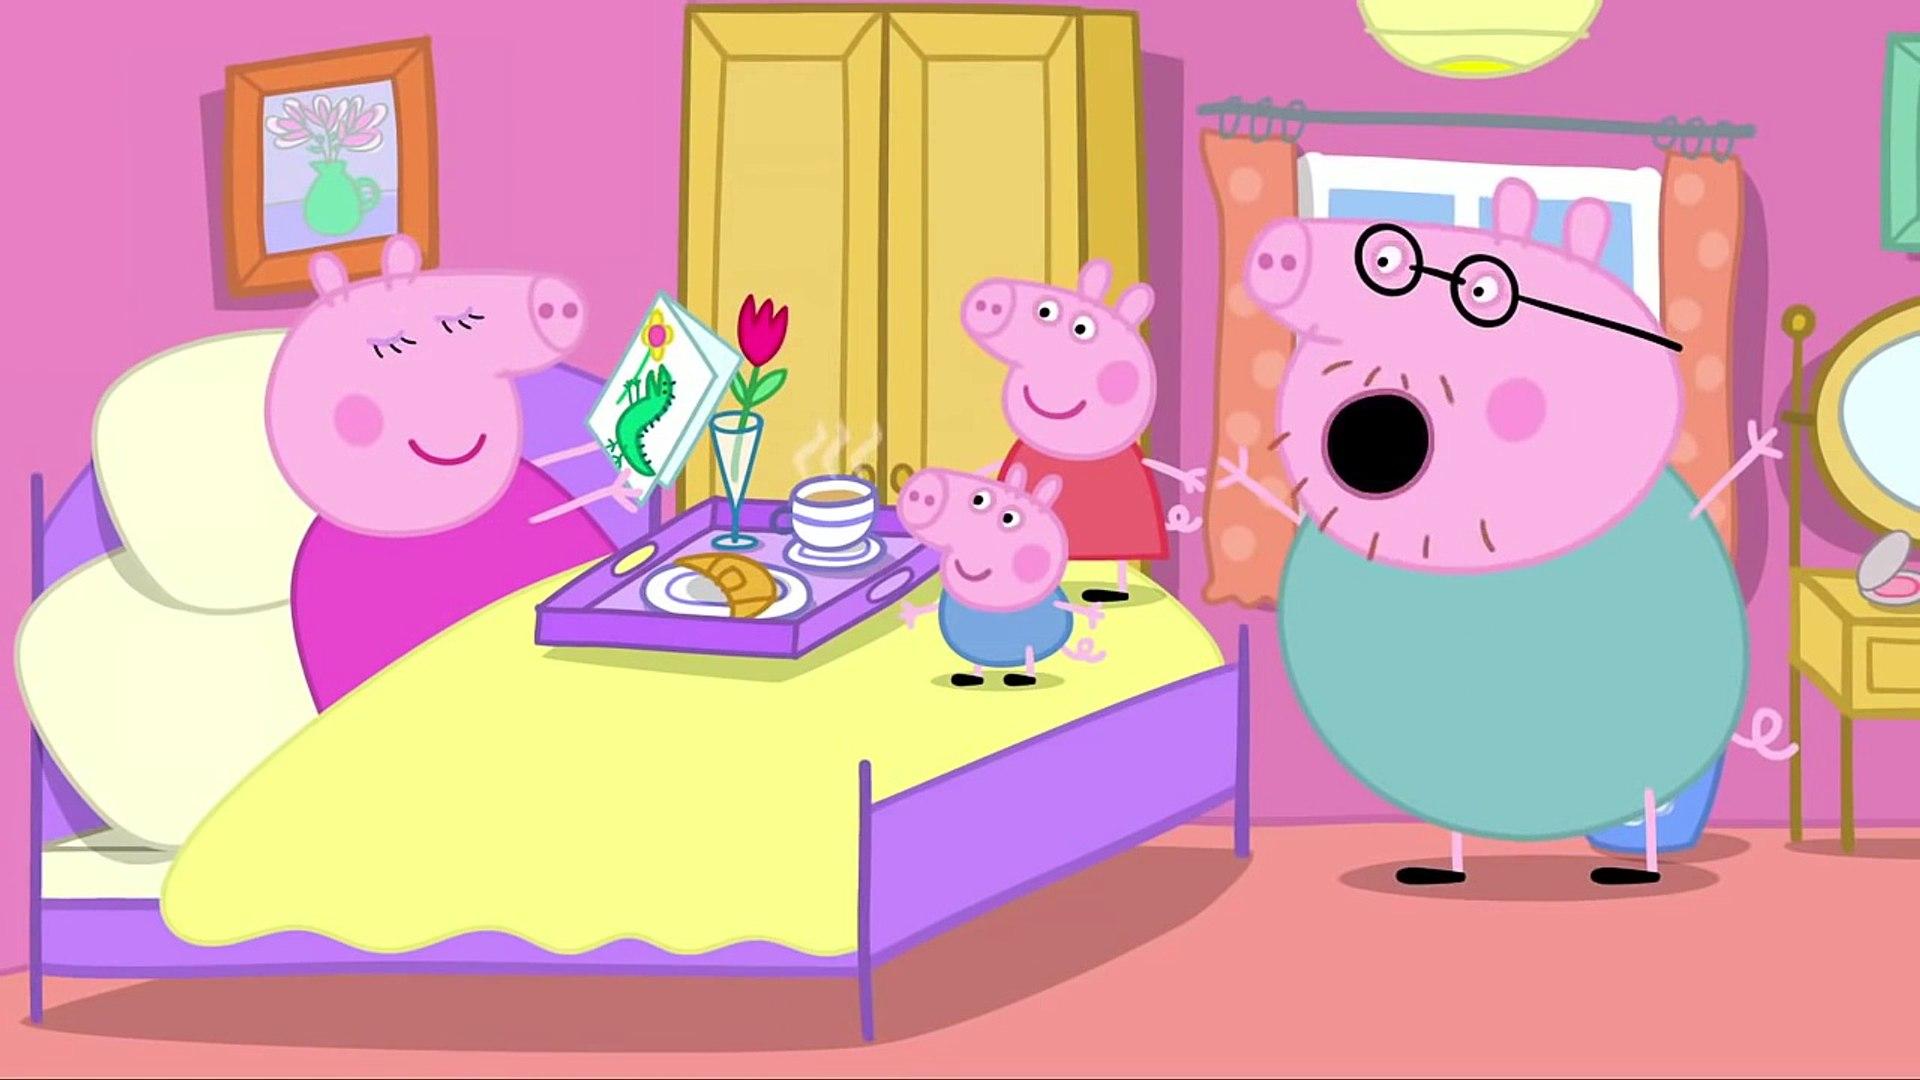 Свинка Пеппа серия 21 День рождения мамы свинки на русском все серии подряд без титров от 1akm